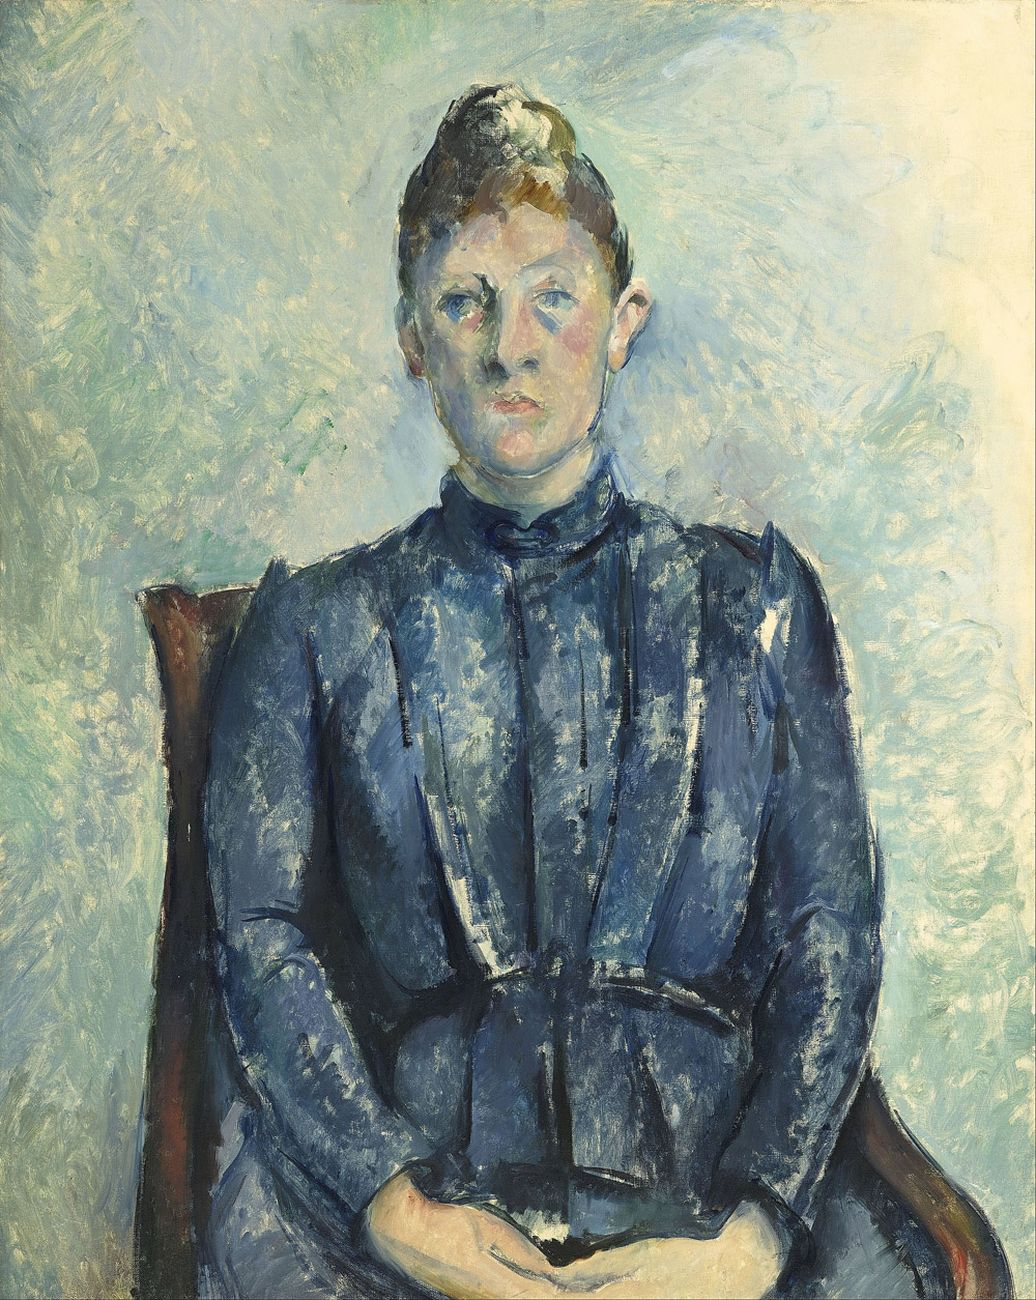 Paul Cézanne, Ritratto della signora Cézanne, 1890 circa, Parigi, Musée de l'Orangerie